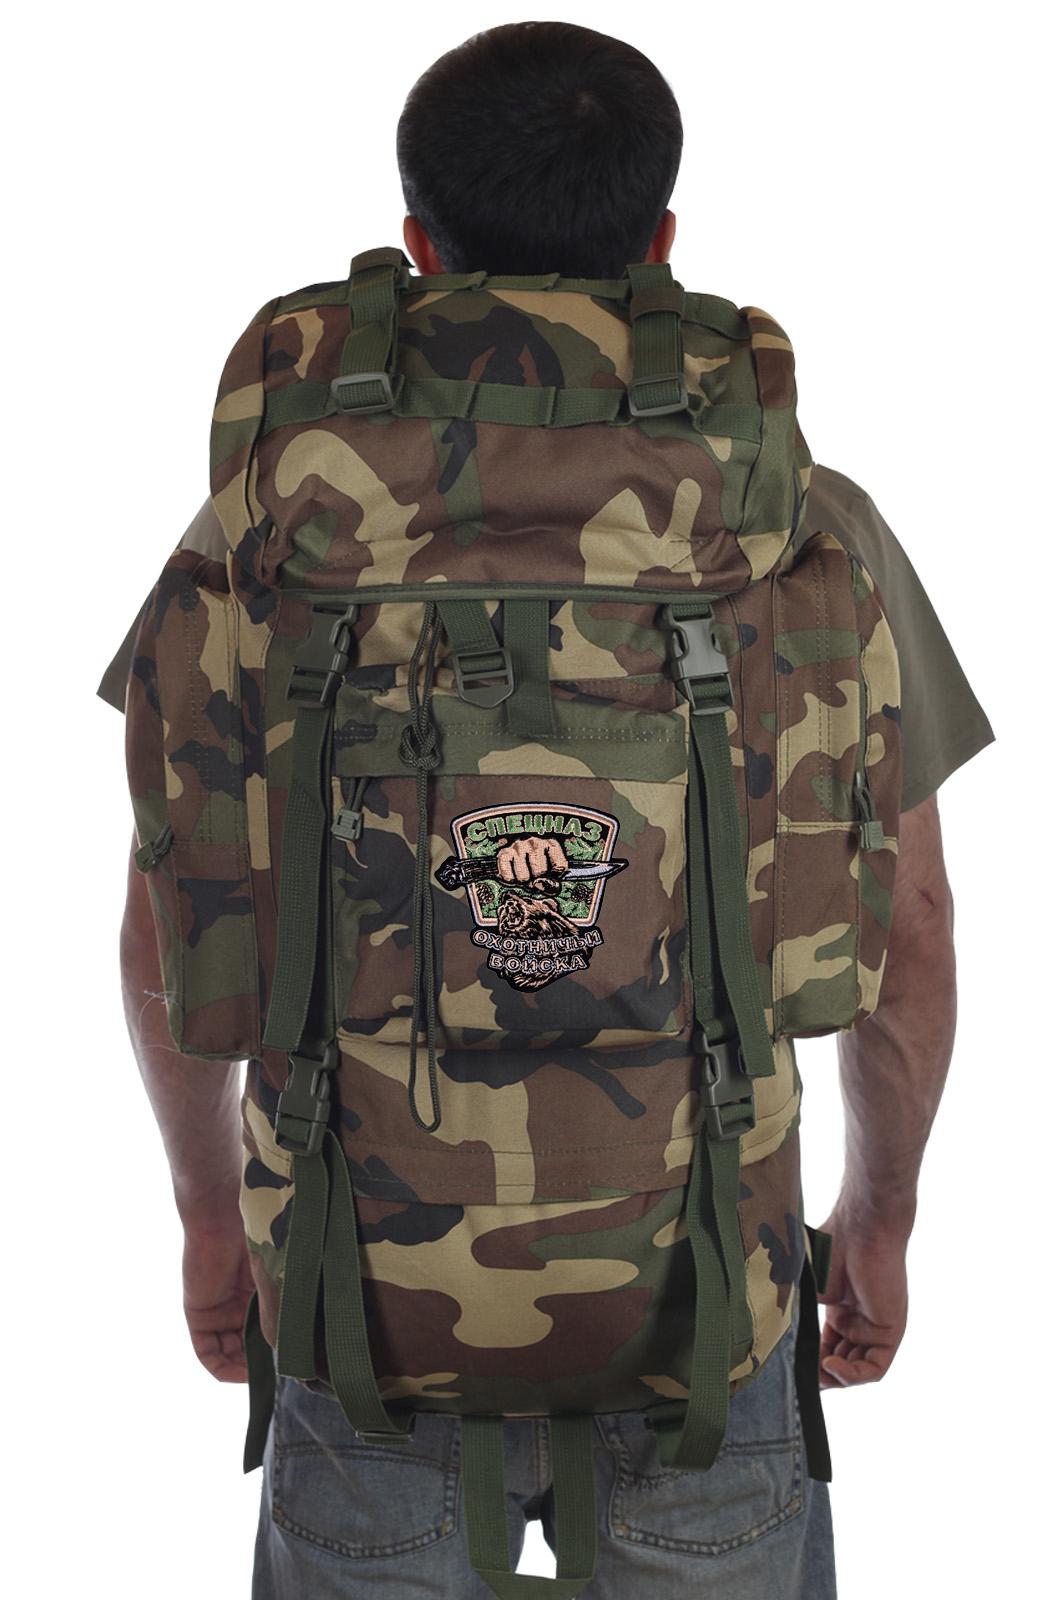 Большой камуфляжный рюкзак с нашивкой Охотничьих войск